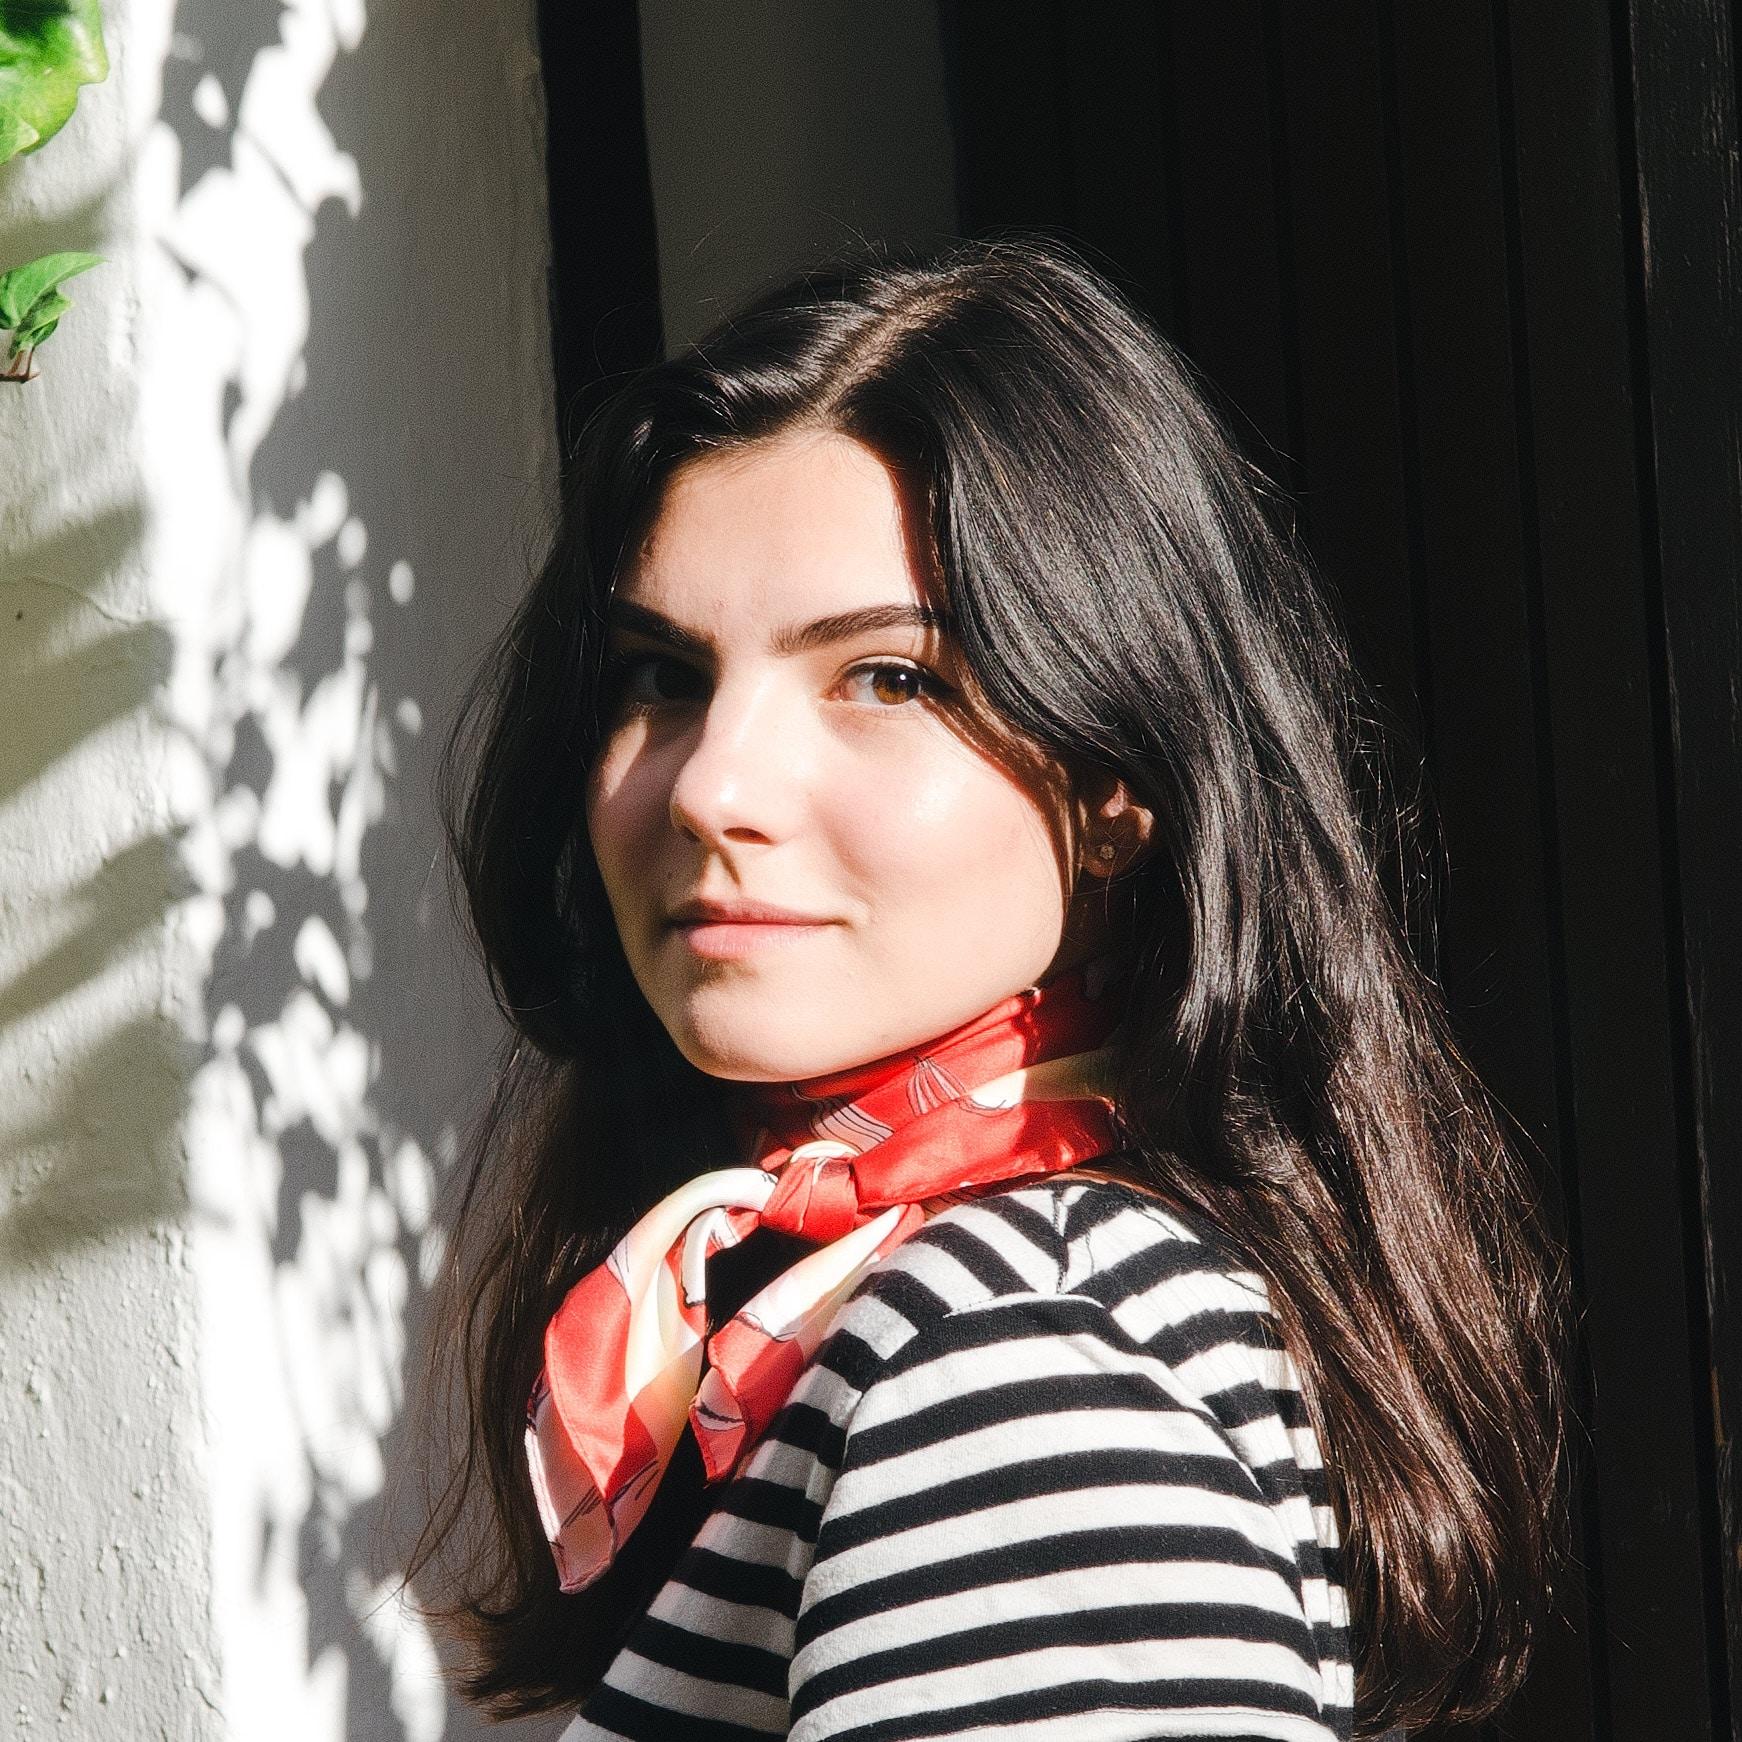 Go to Daria Krav's profile